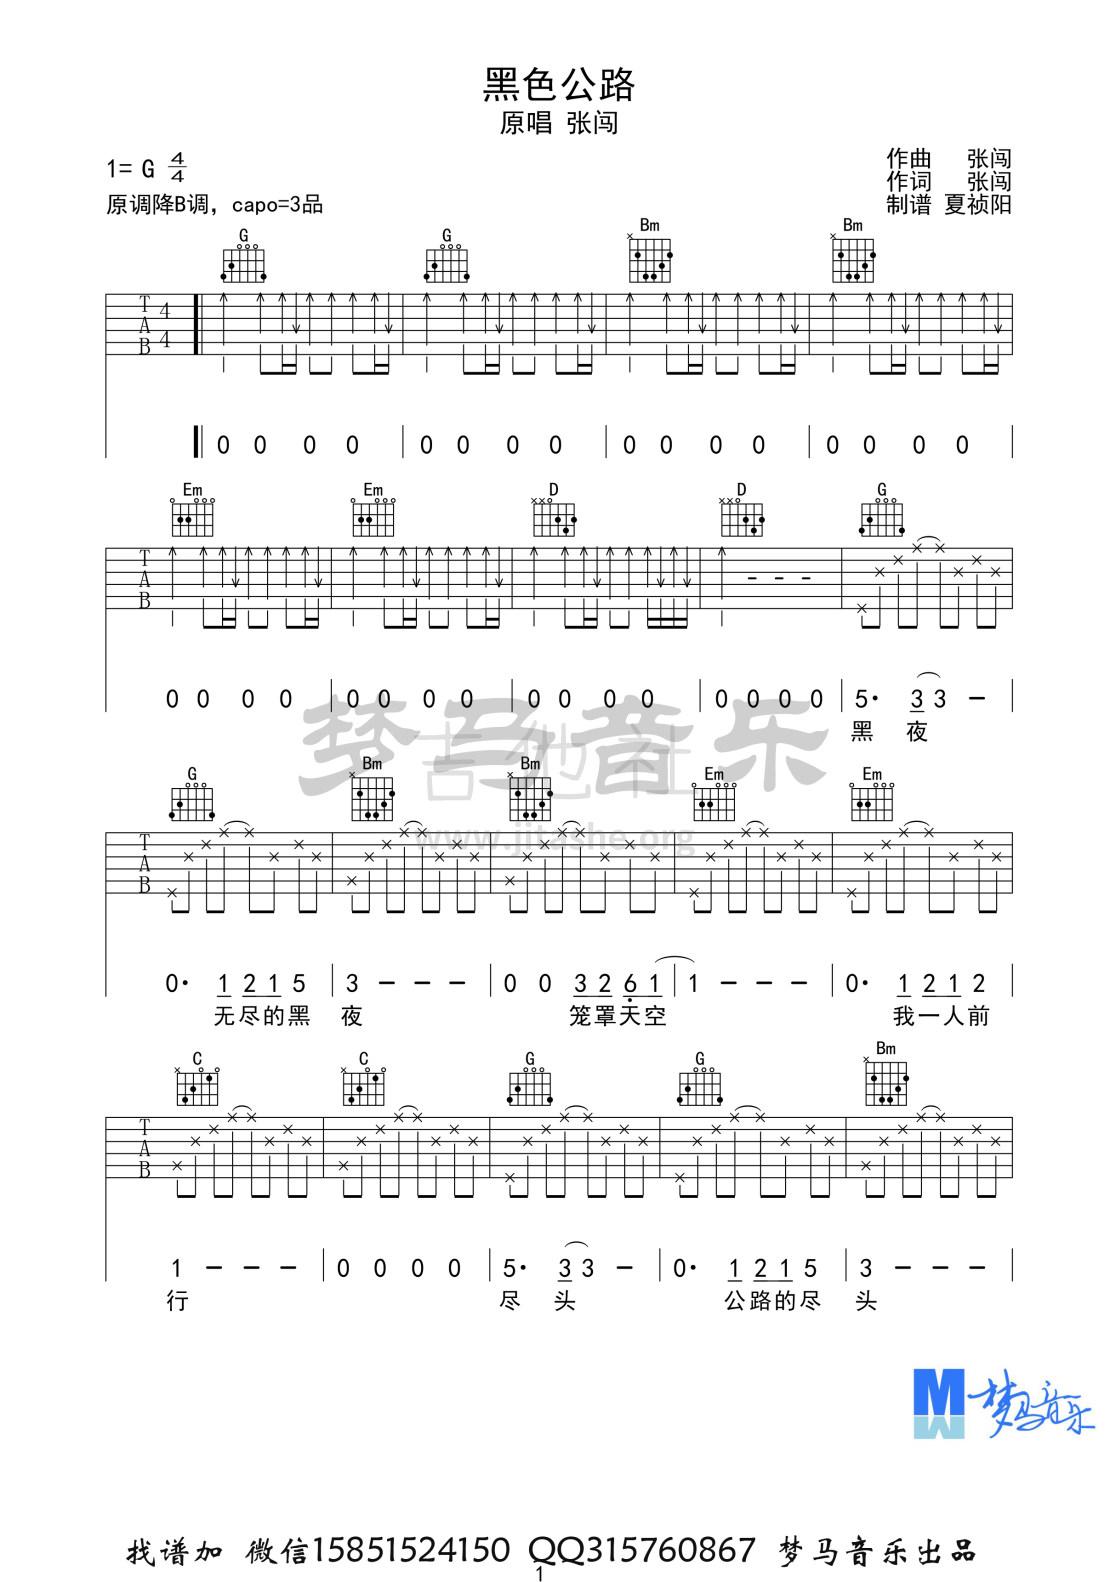 黑色公路吉他谱(图片谱,弹唱)_张闯_黑色公路-1.jpg